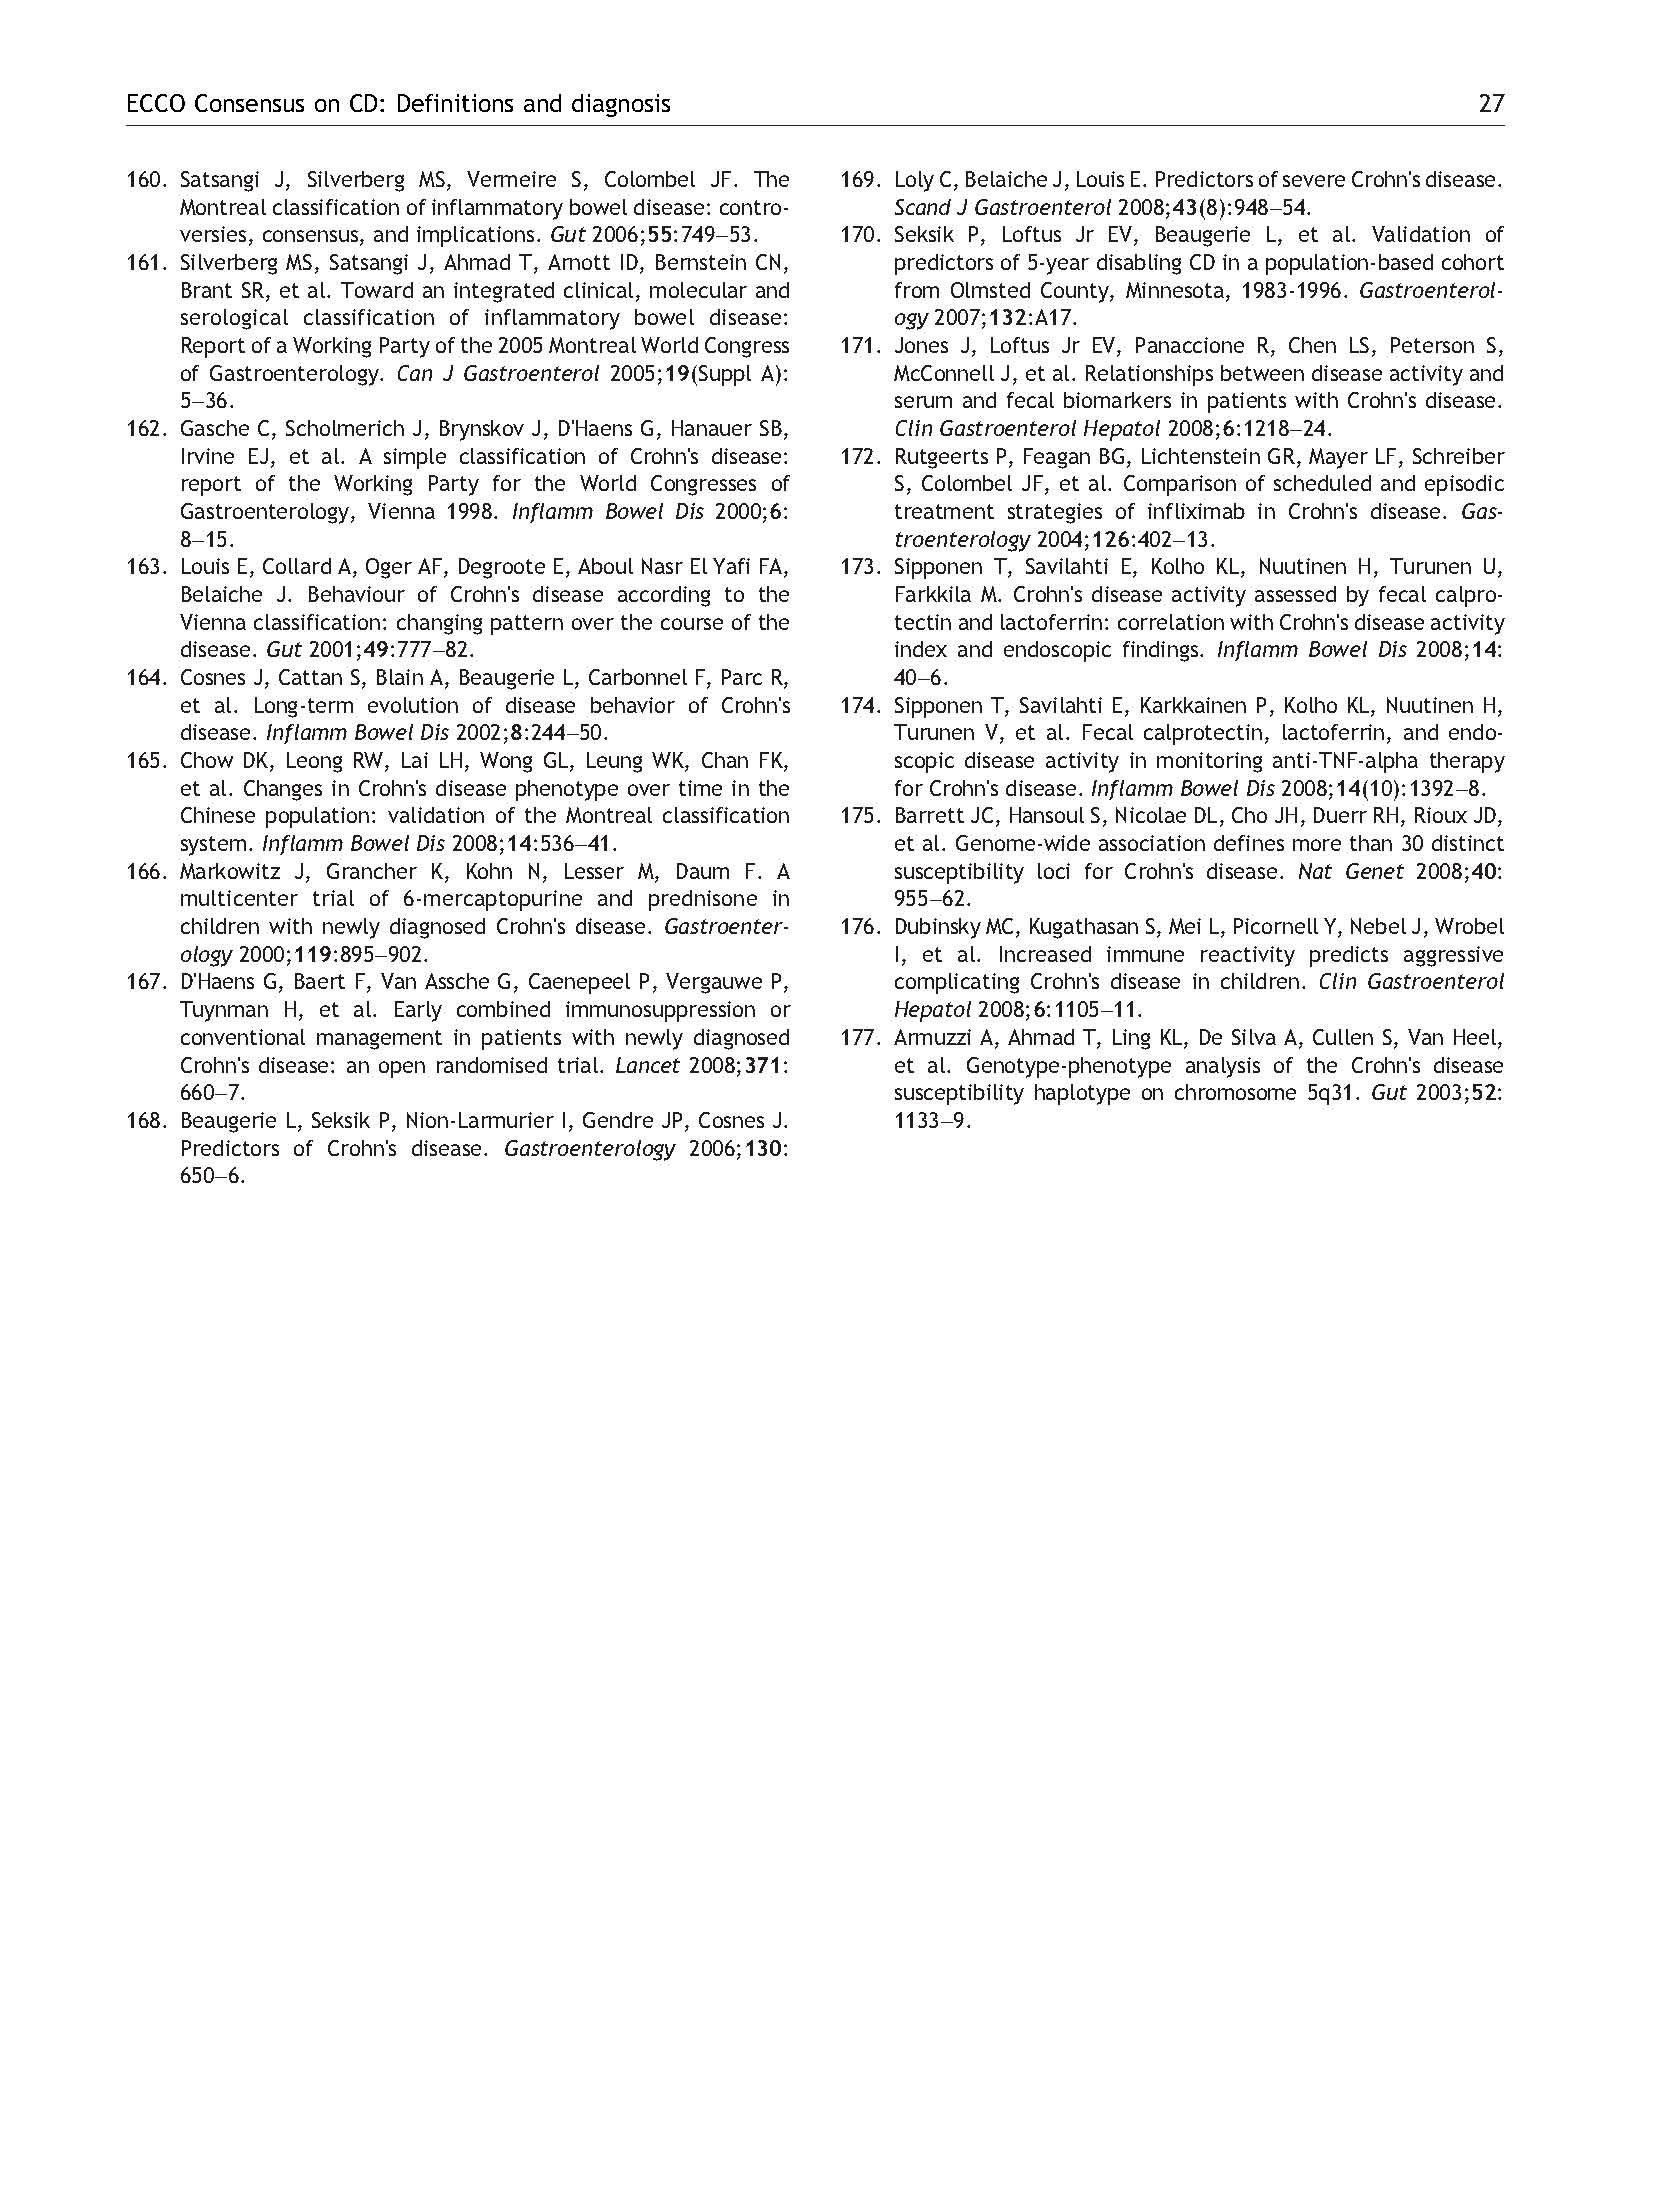 2_页面_21.jpg